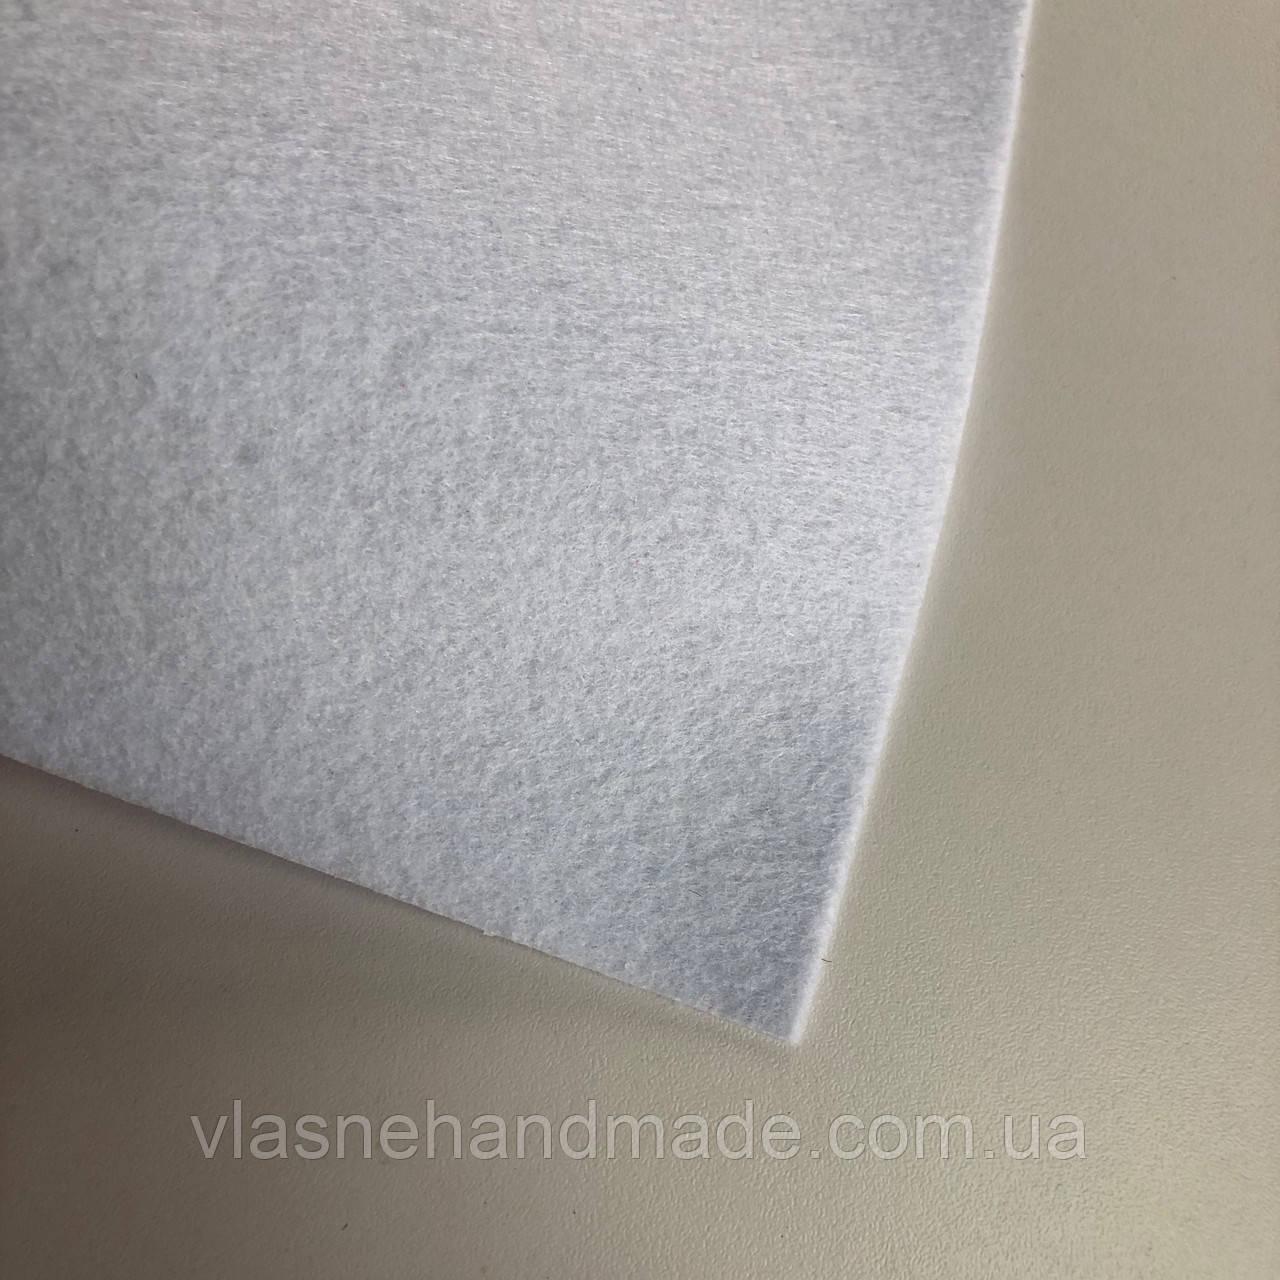 Фетр. Білий (1). 20х30 см. 1 мм